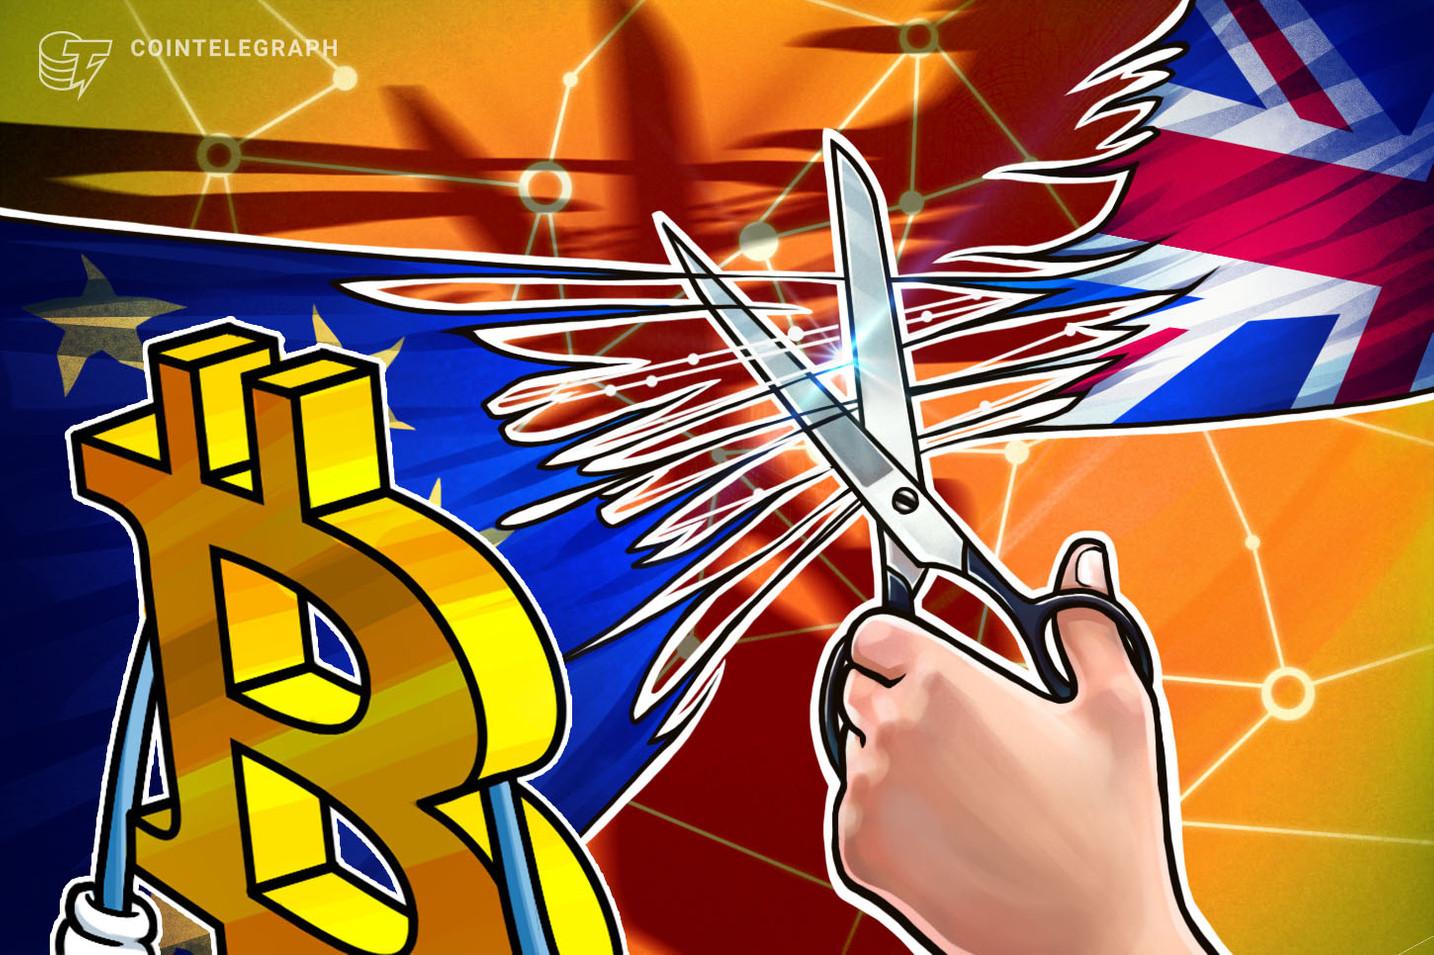 El precio de Bitcoin es estable en comparación con la libra esterlina durante la debacle por el Brexit